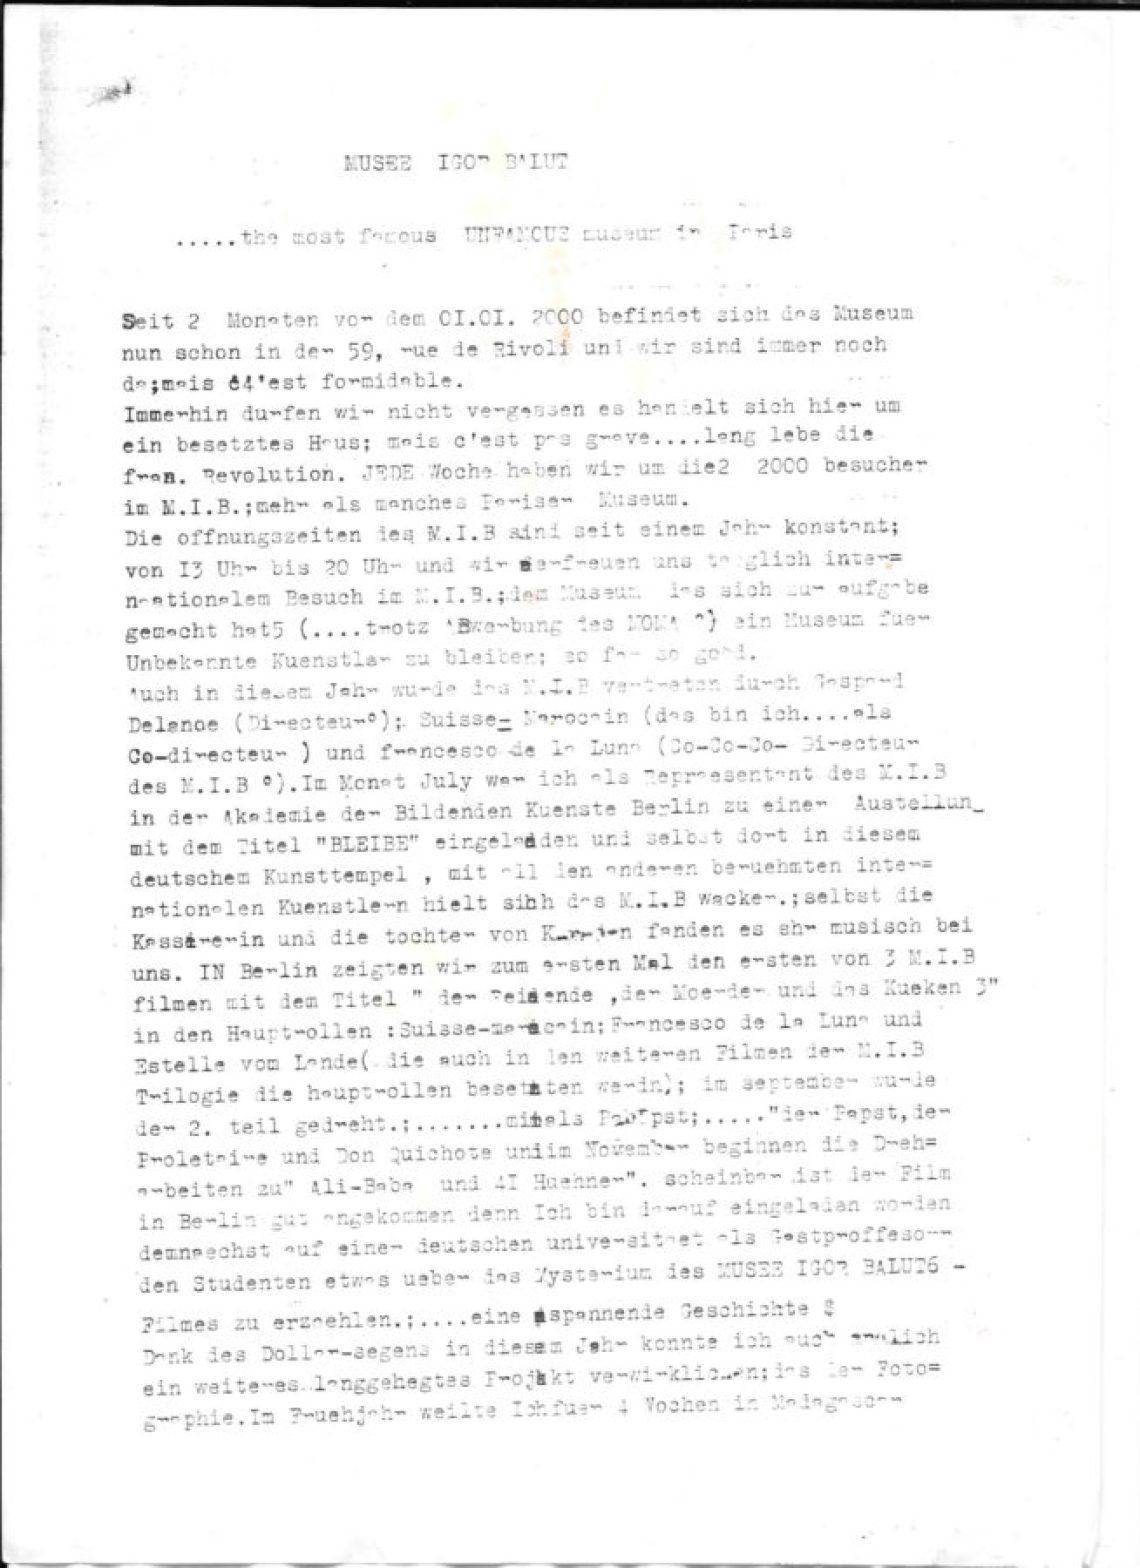 text-sur-suissemarocain-art-2-copy